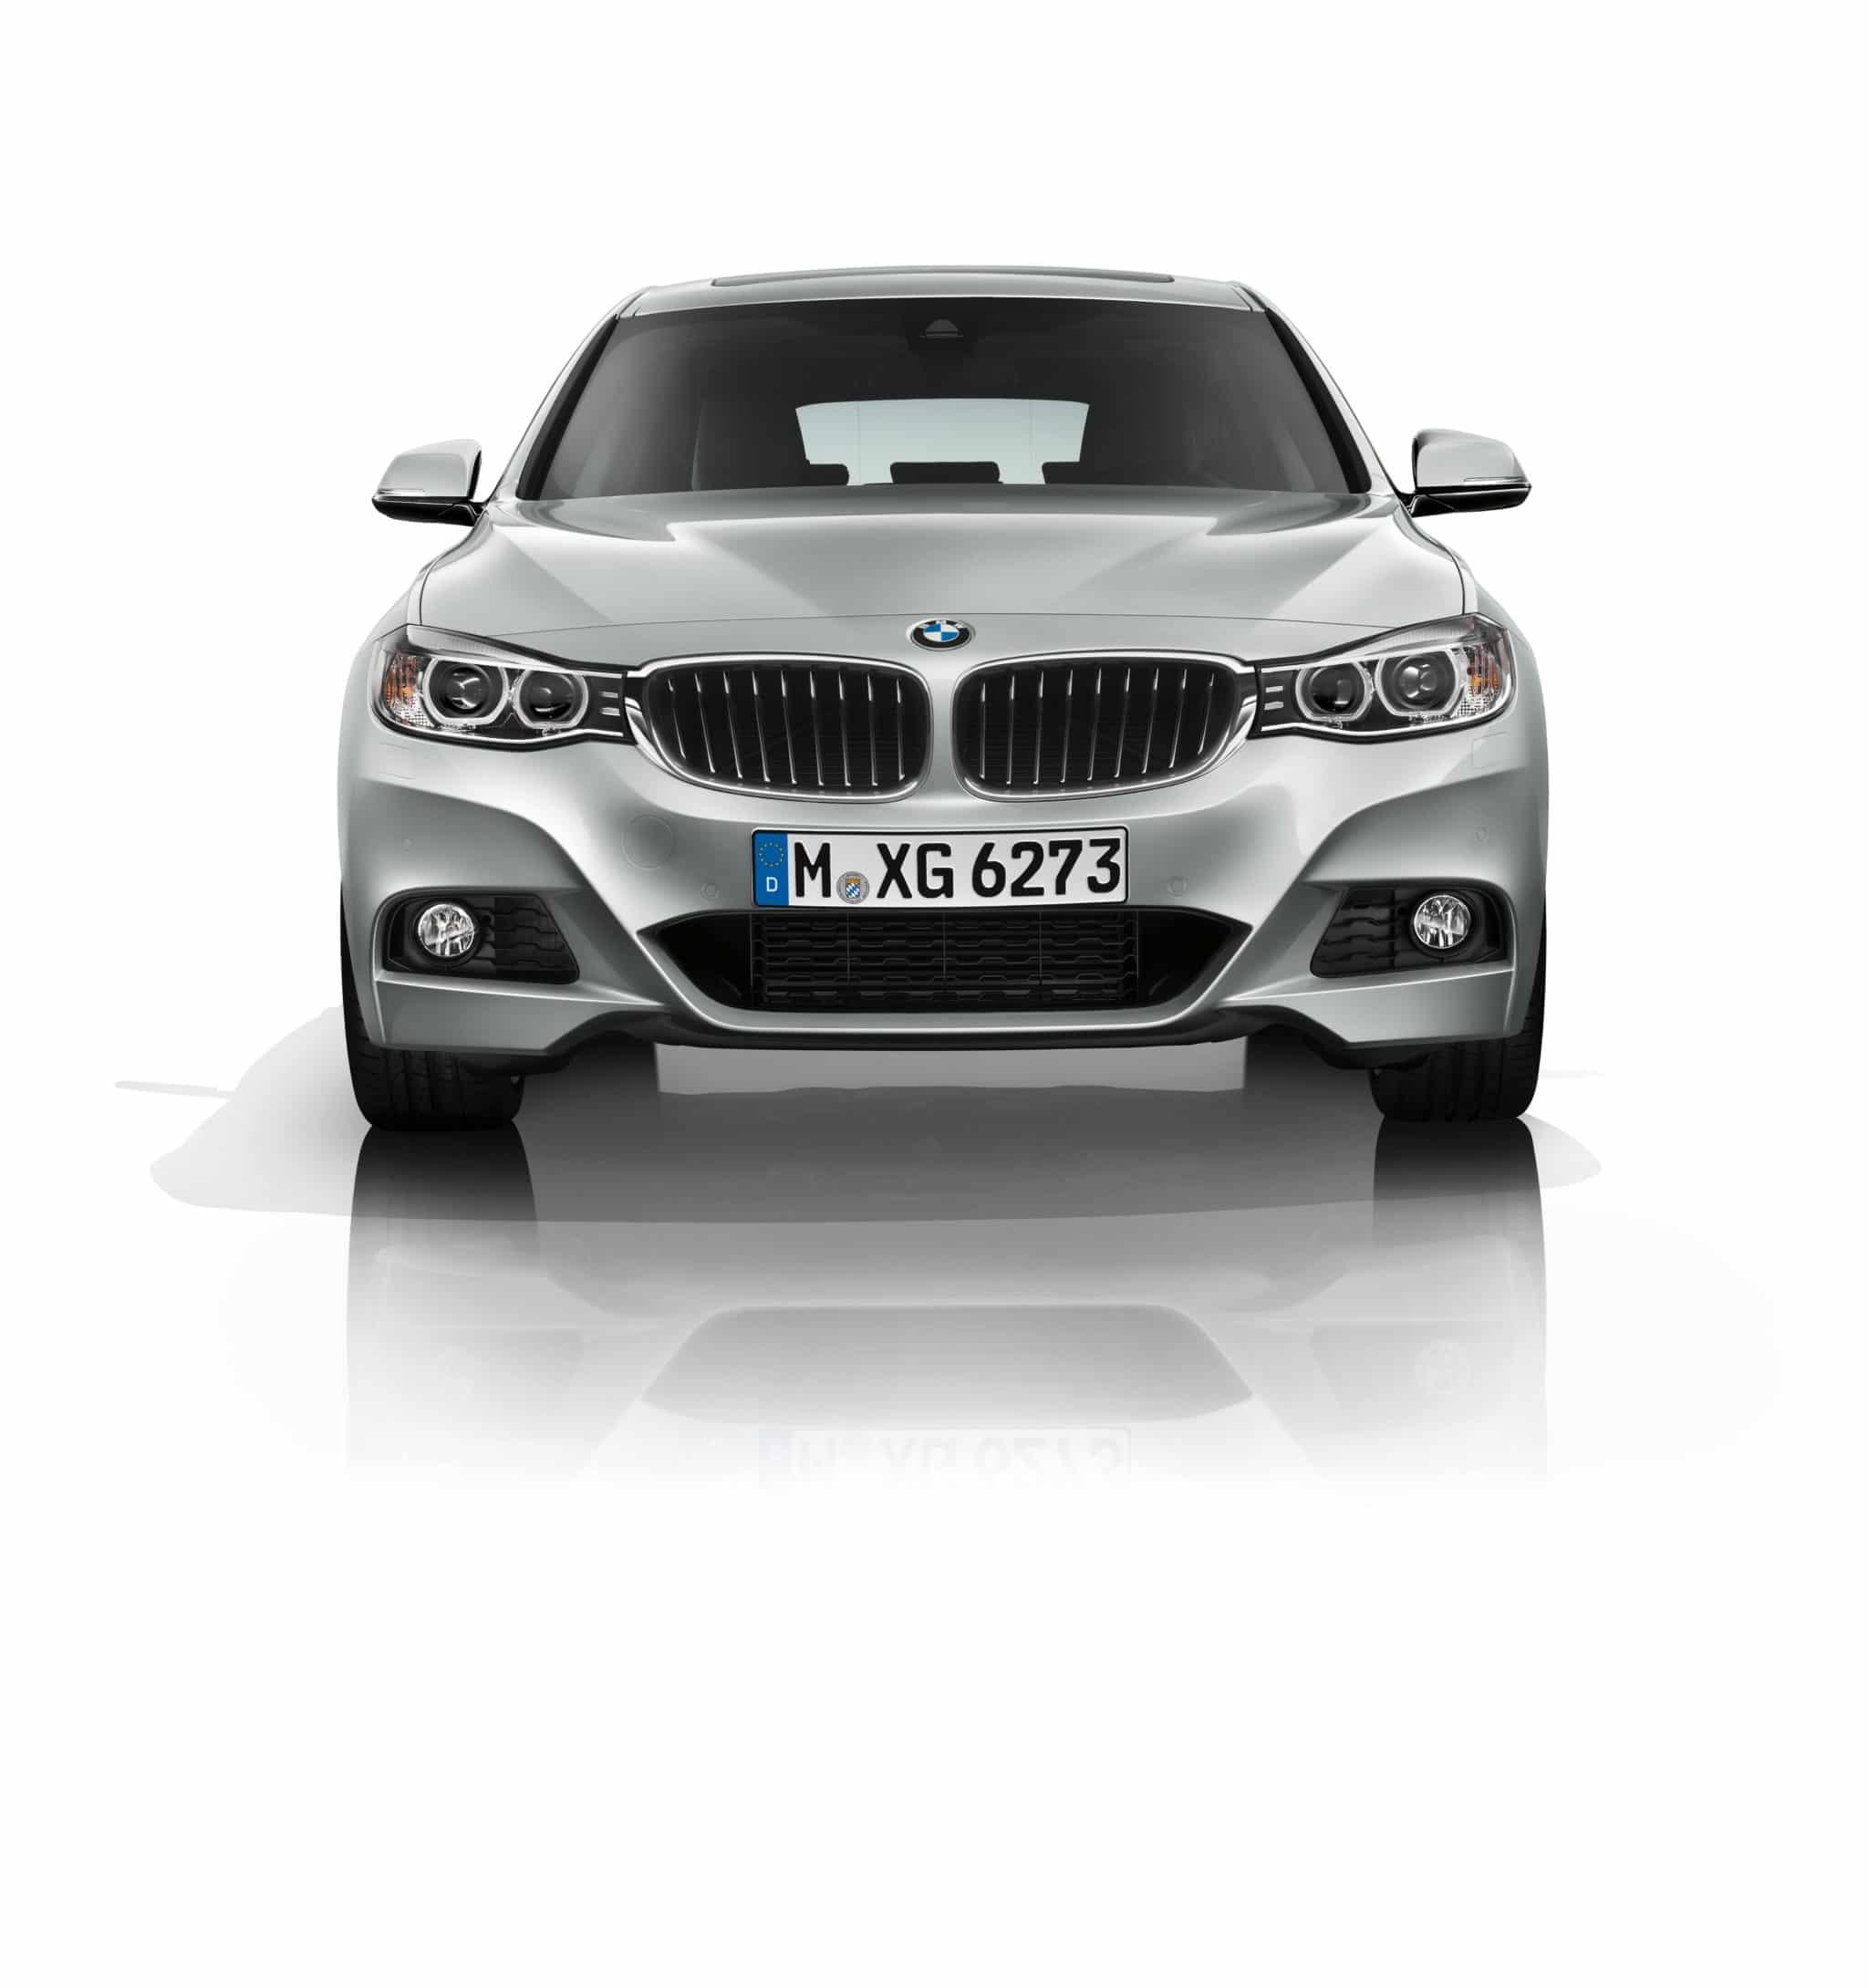 BMW Serie 3 Gran Turismo: potenza e bassi consumi, cura per il dettaglio e comfort 4